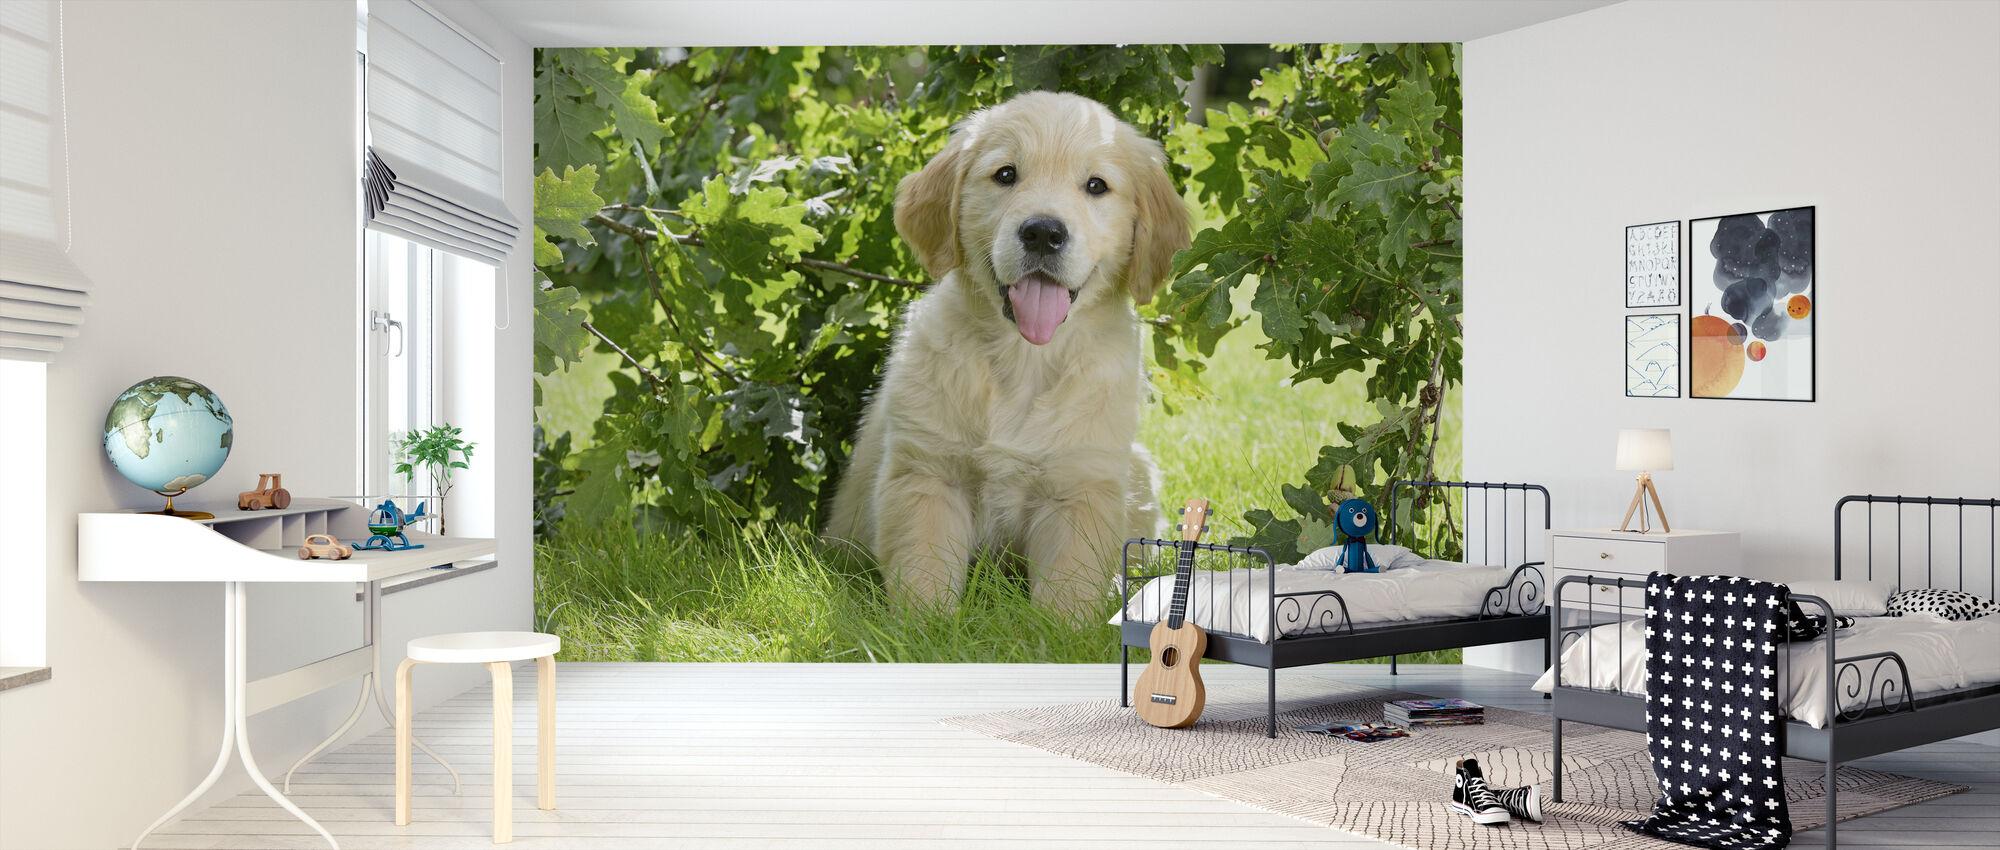 Golden Retriever Puppy - Wallpaper - Kids Room